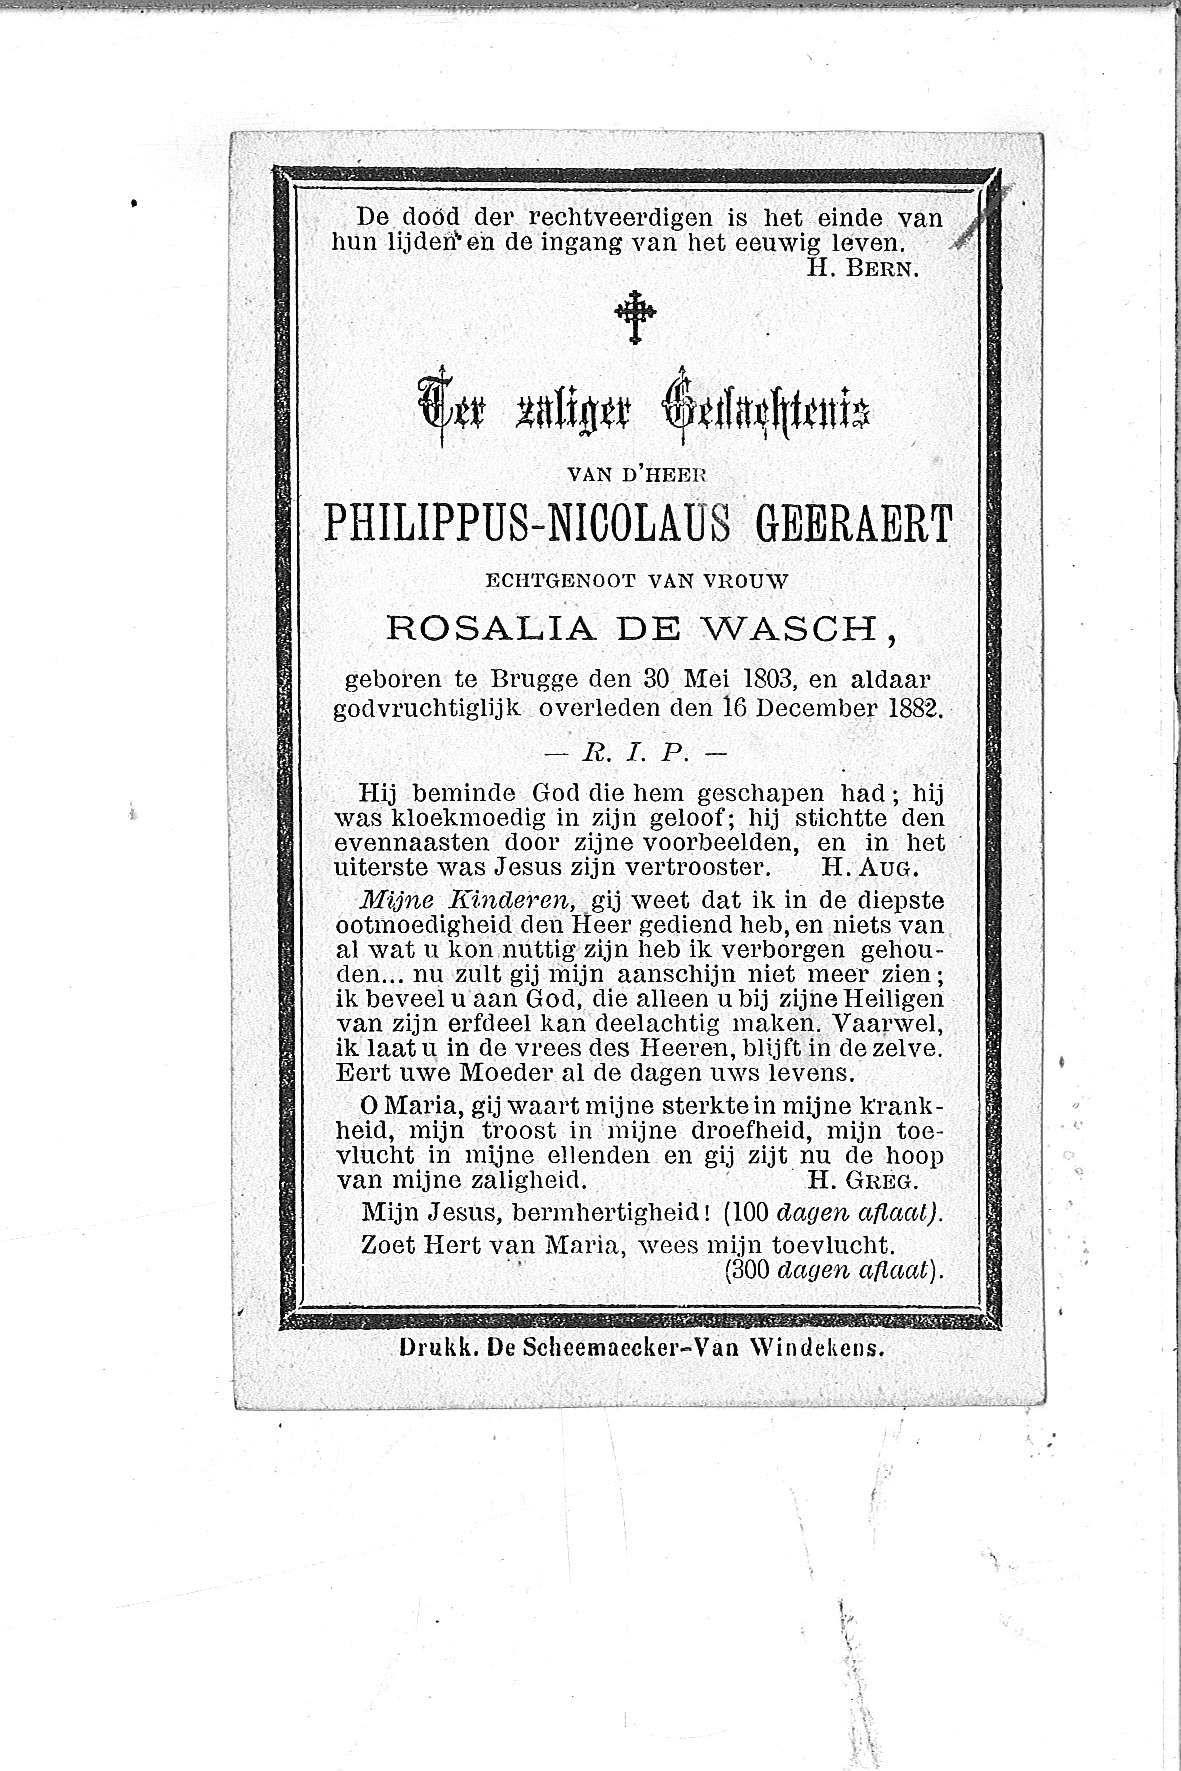 Philippus-Nicolaus(1882)20130820111714_00015.jpg